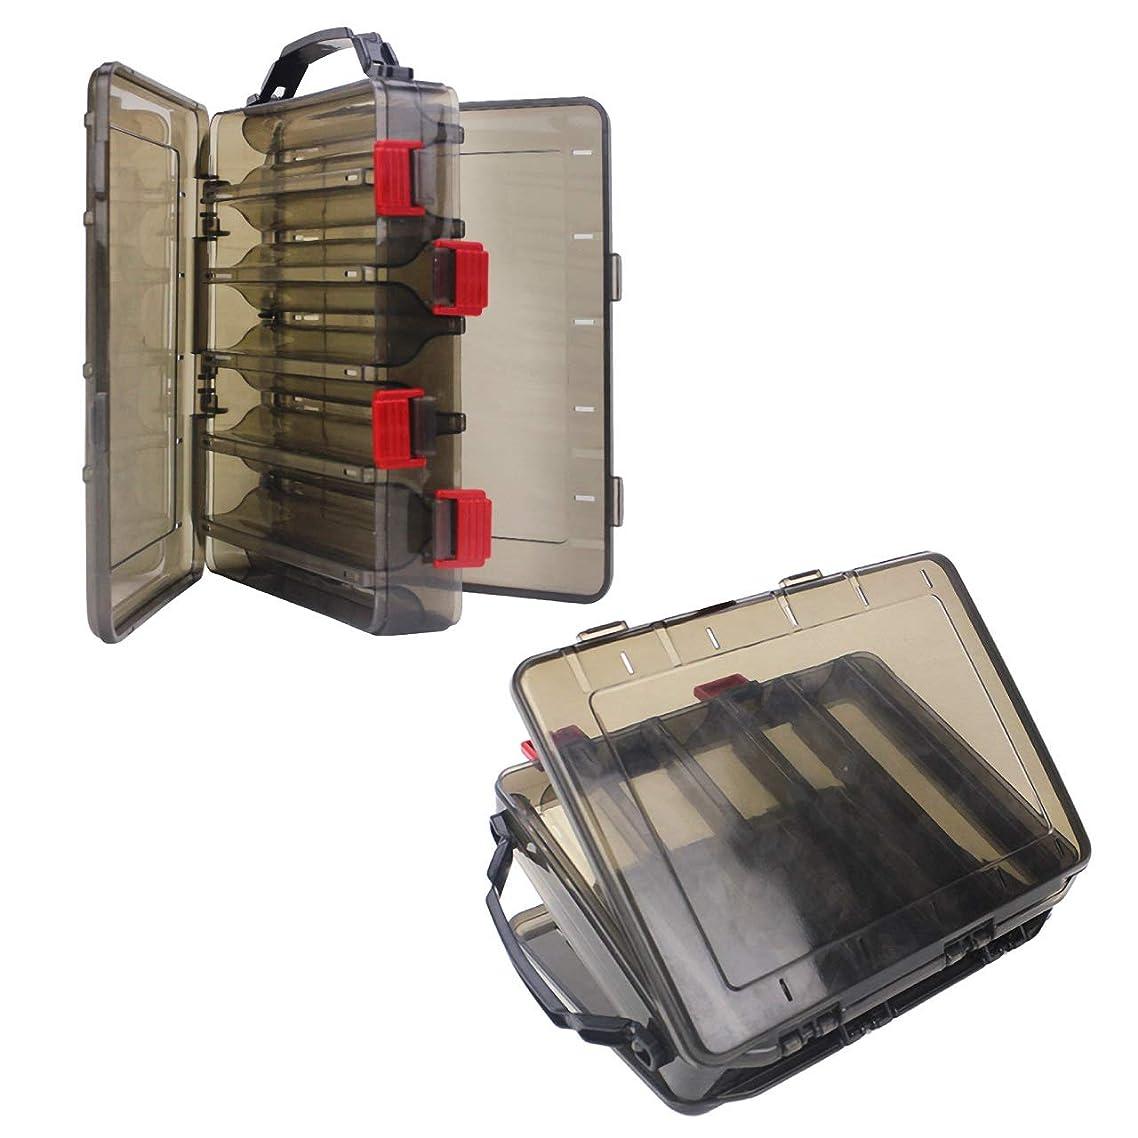 ディレクトリ導出バリーHAMILO タックルボックス 釣具収納ケース ルアー 釣り 両面収納可能 リバーシブル 2個セット